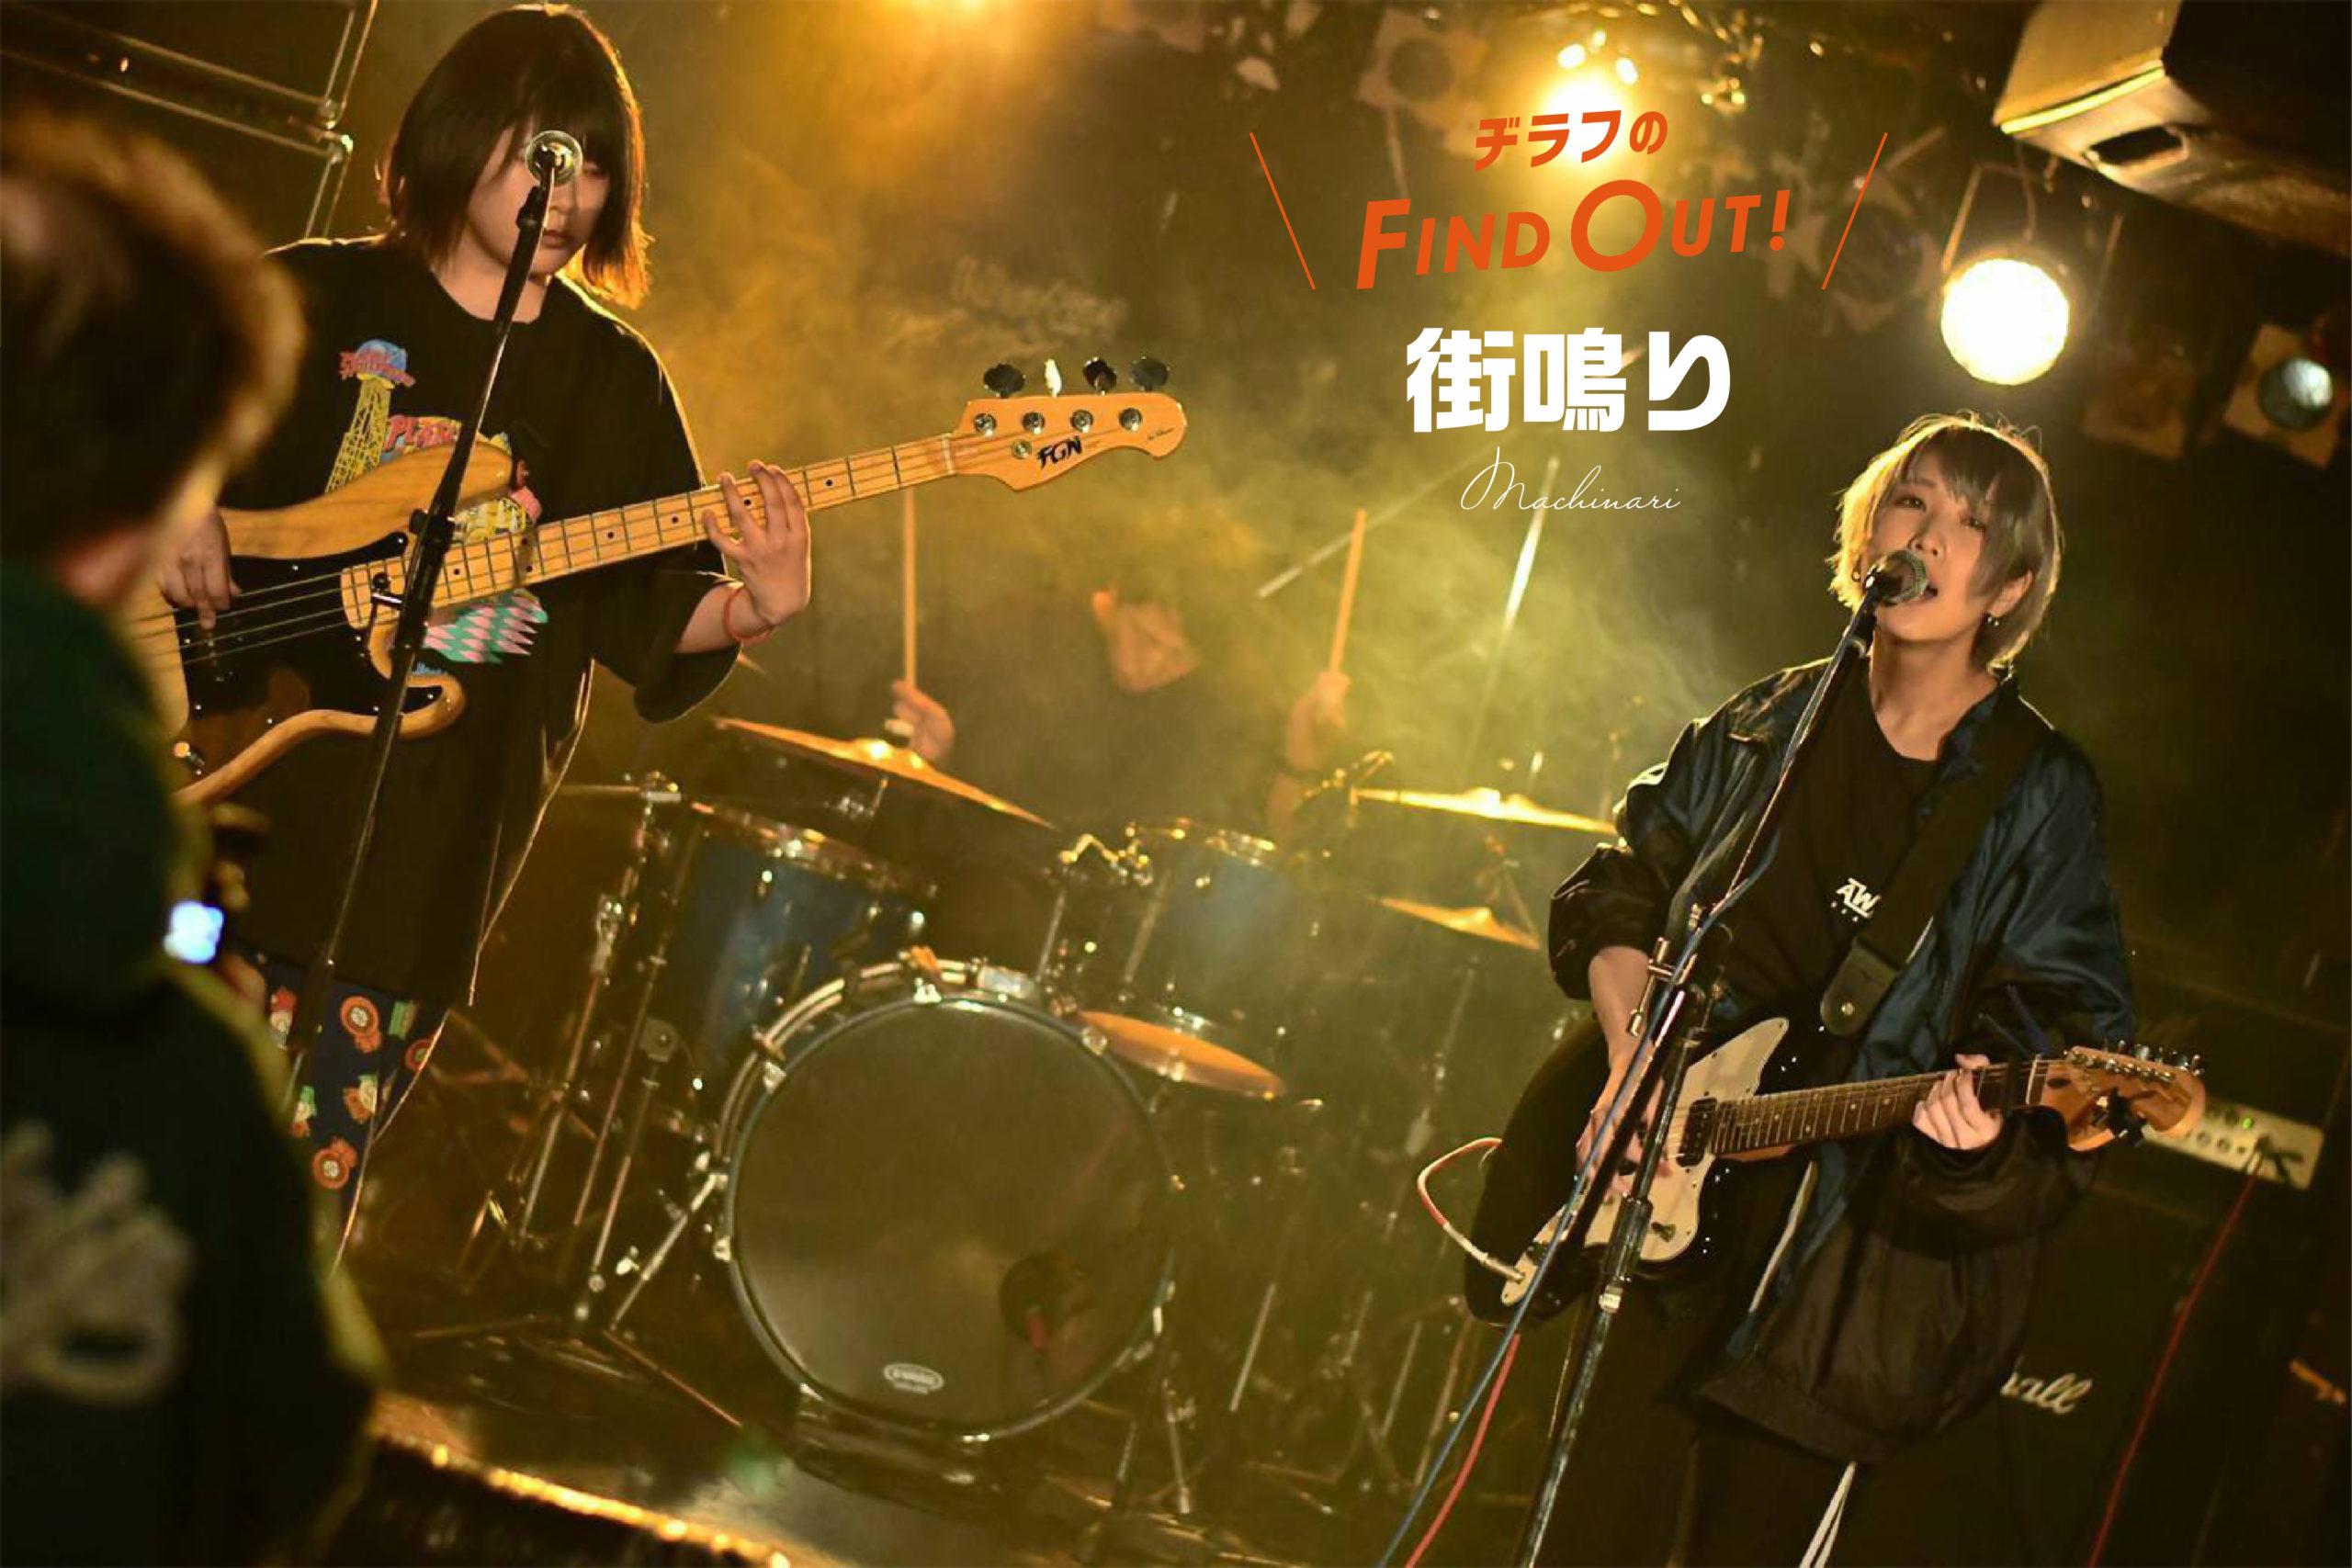 「【街鳴り】大注目の新人バンド。スリーピースで光る個性の集合体」のアイキャッチ画像